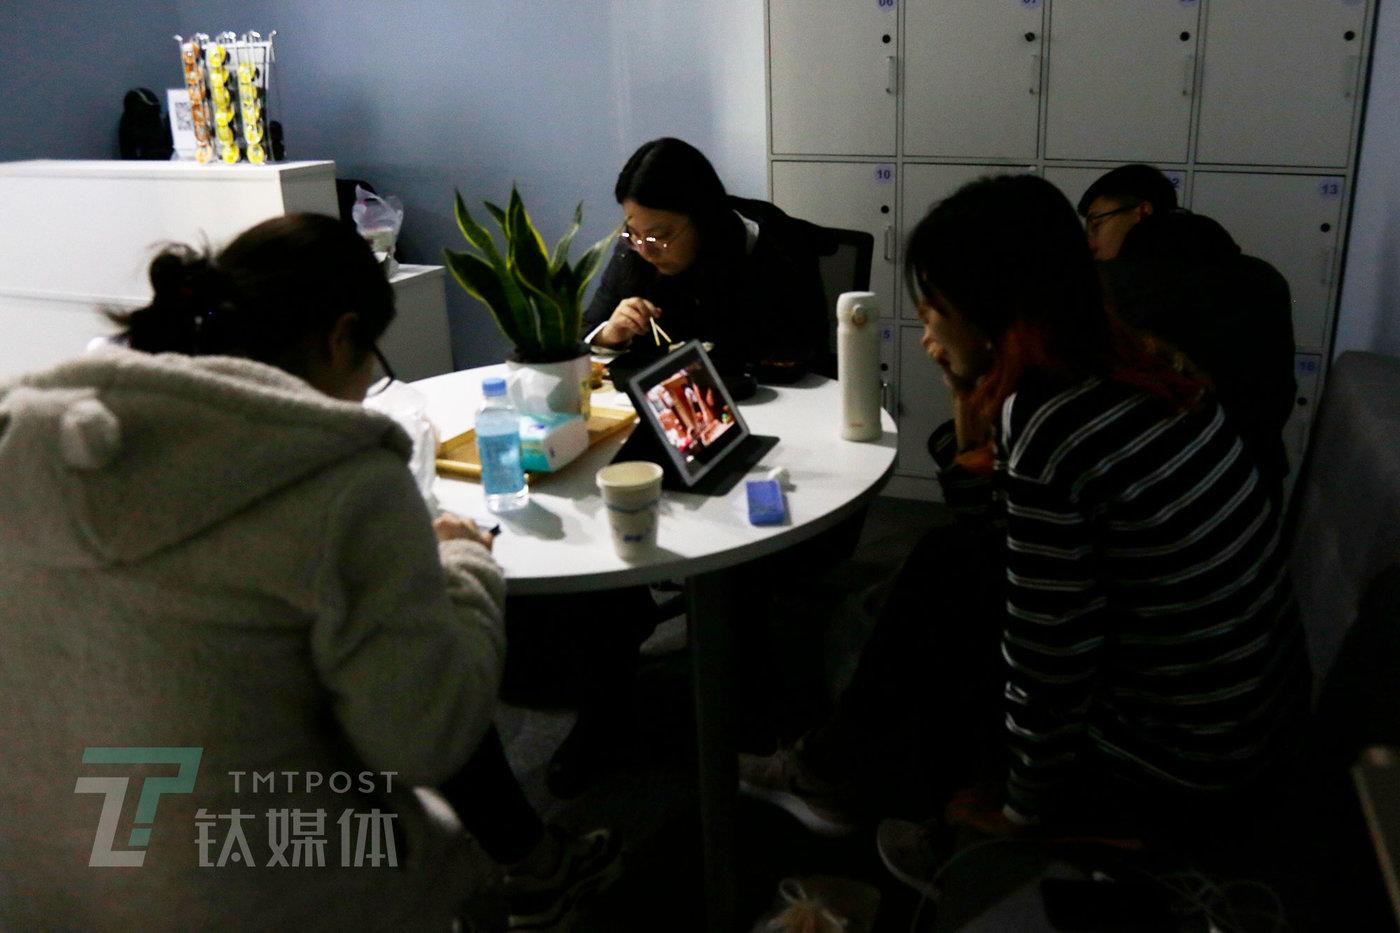 11月19日13点38分,小骨利用午休时间追自己喜爱的综艺节目放松。